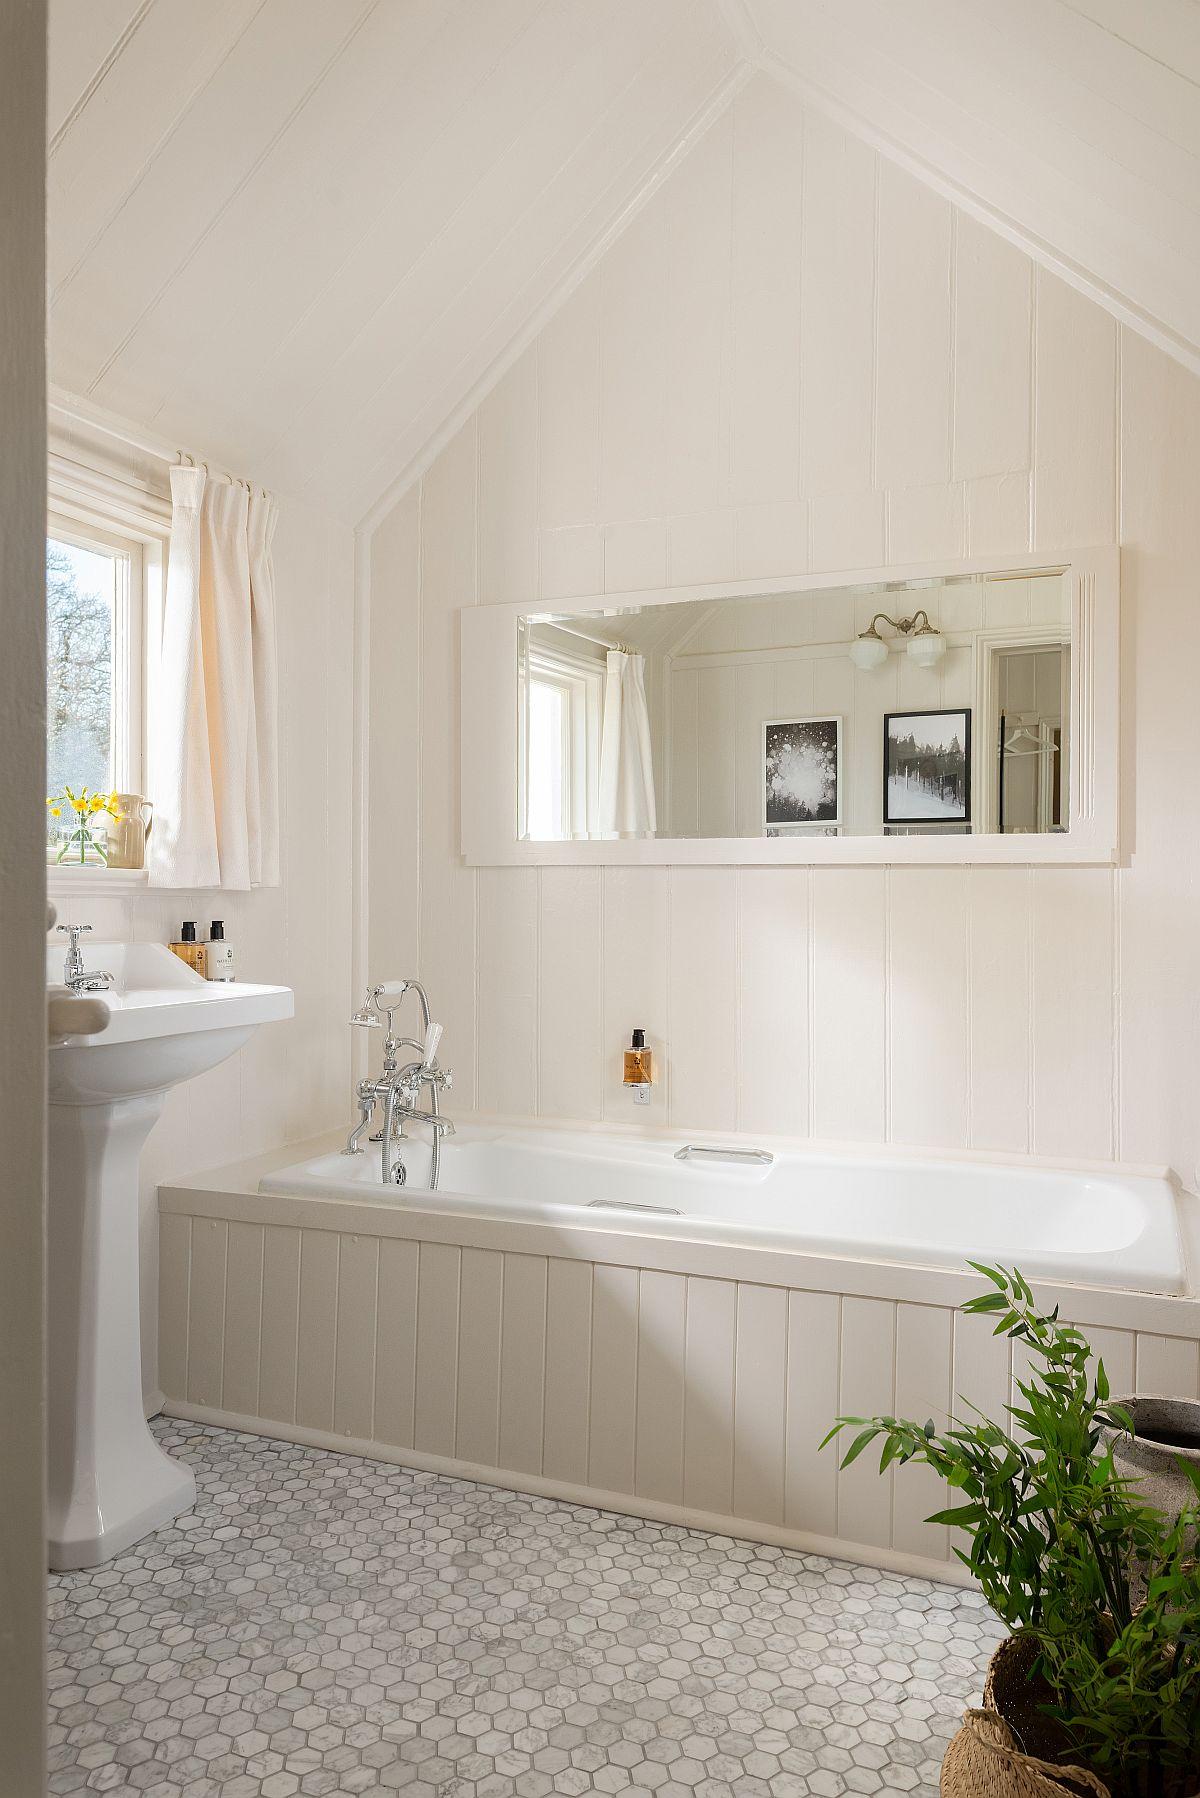 Te-ai fi gîndit la un lavoar în baie montat în fața ferestrei?